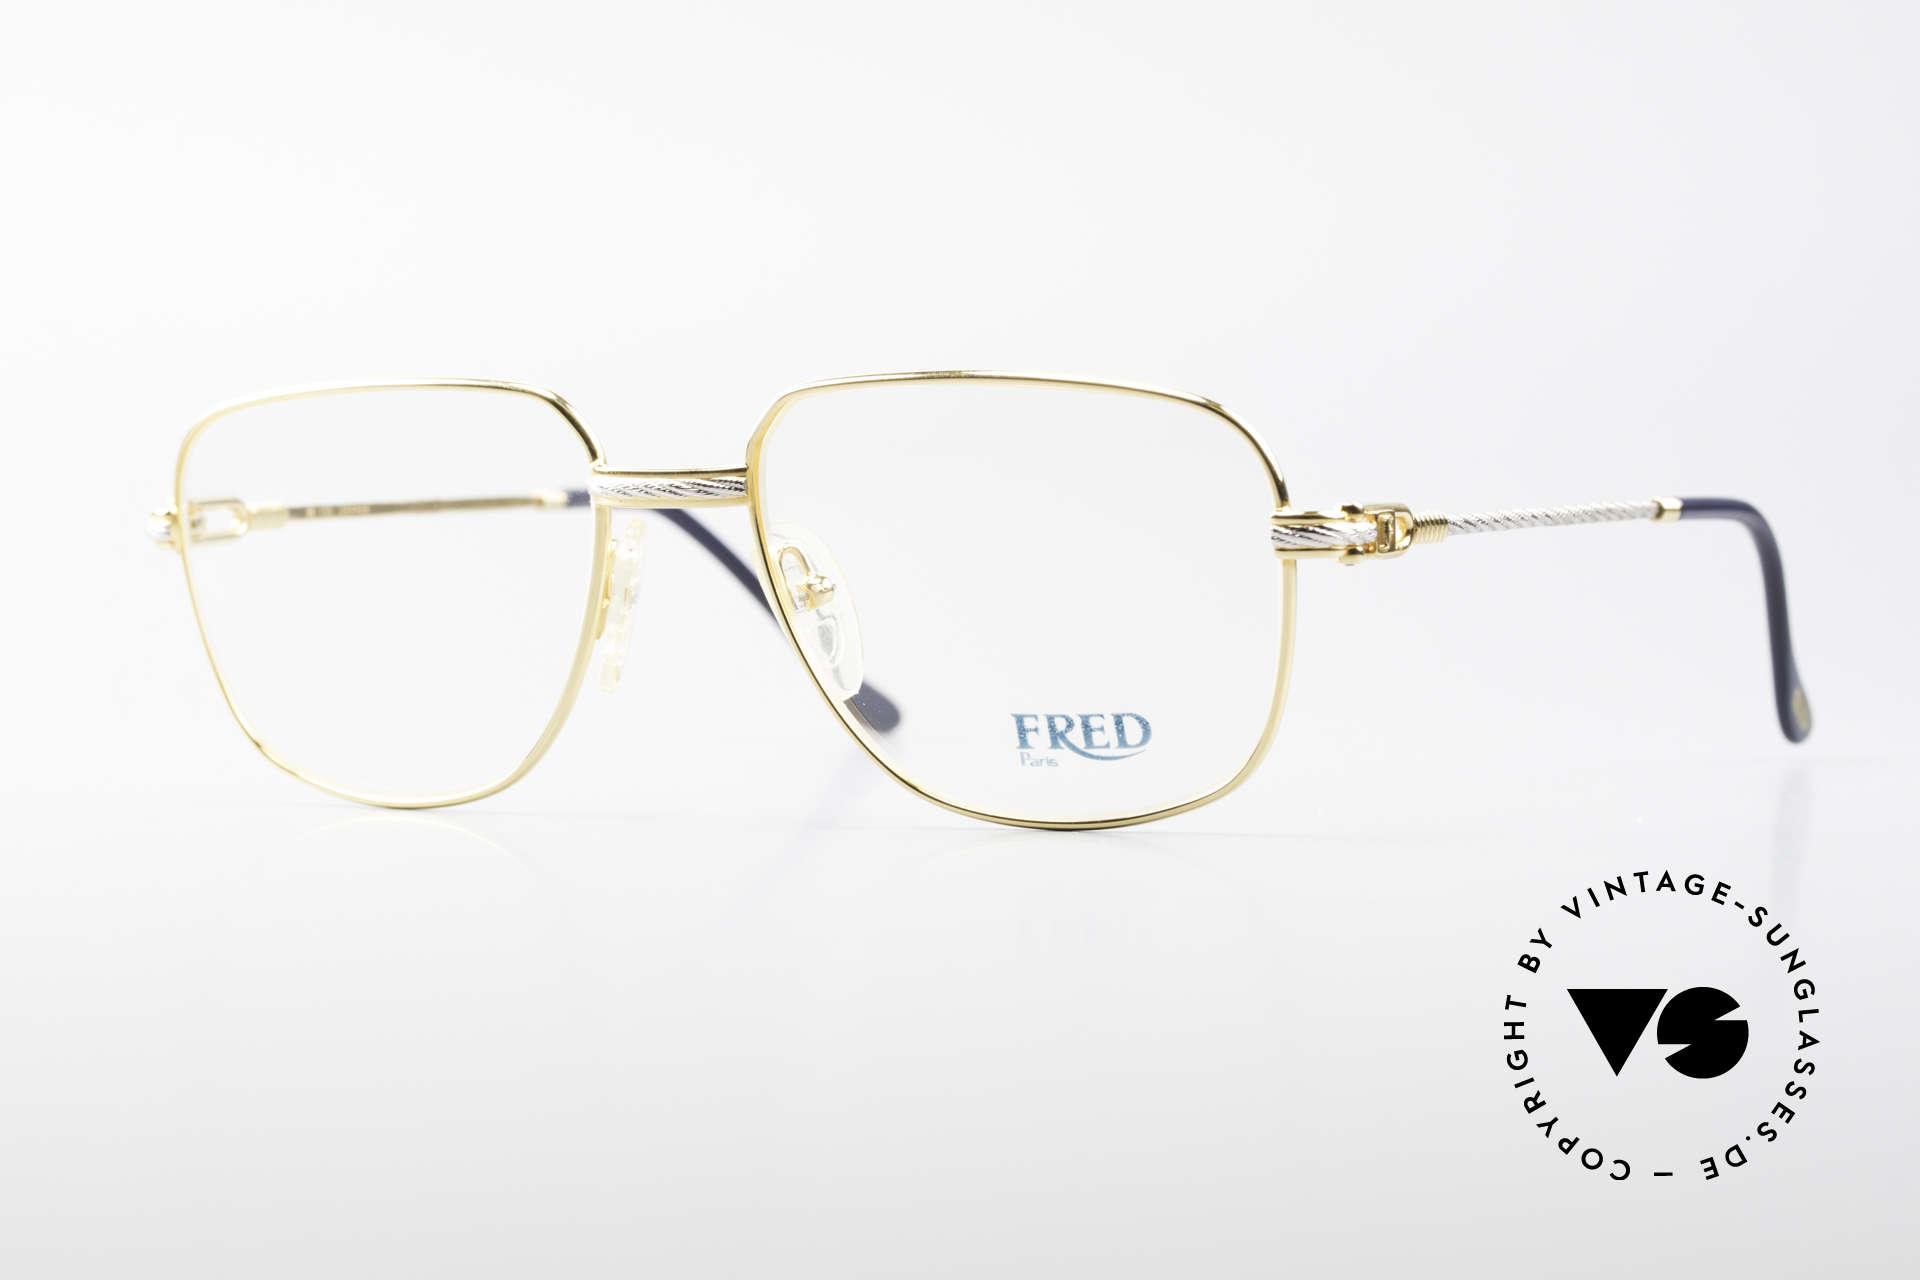 Fred Zephir Luxus Segler Brille Herren, einmalige Designerbrille von Fred, Paris aus den 80ern, Passend für Herren